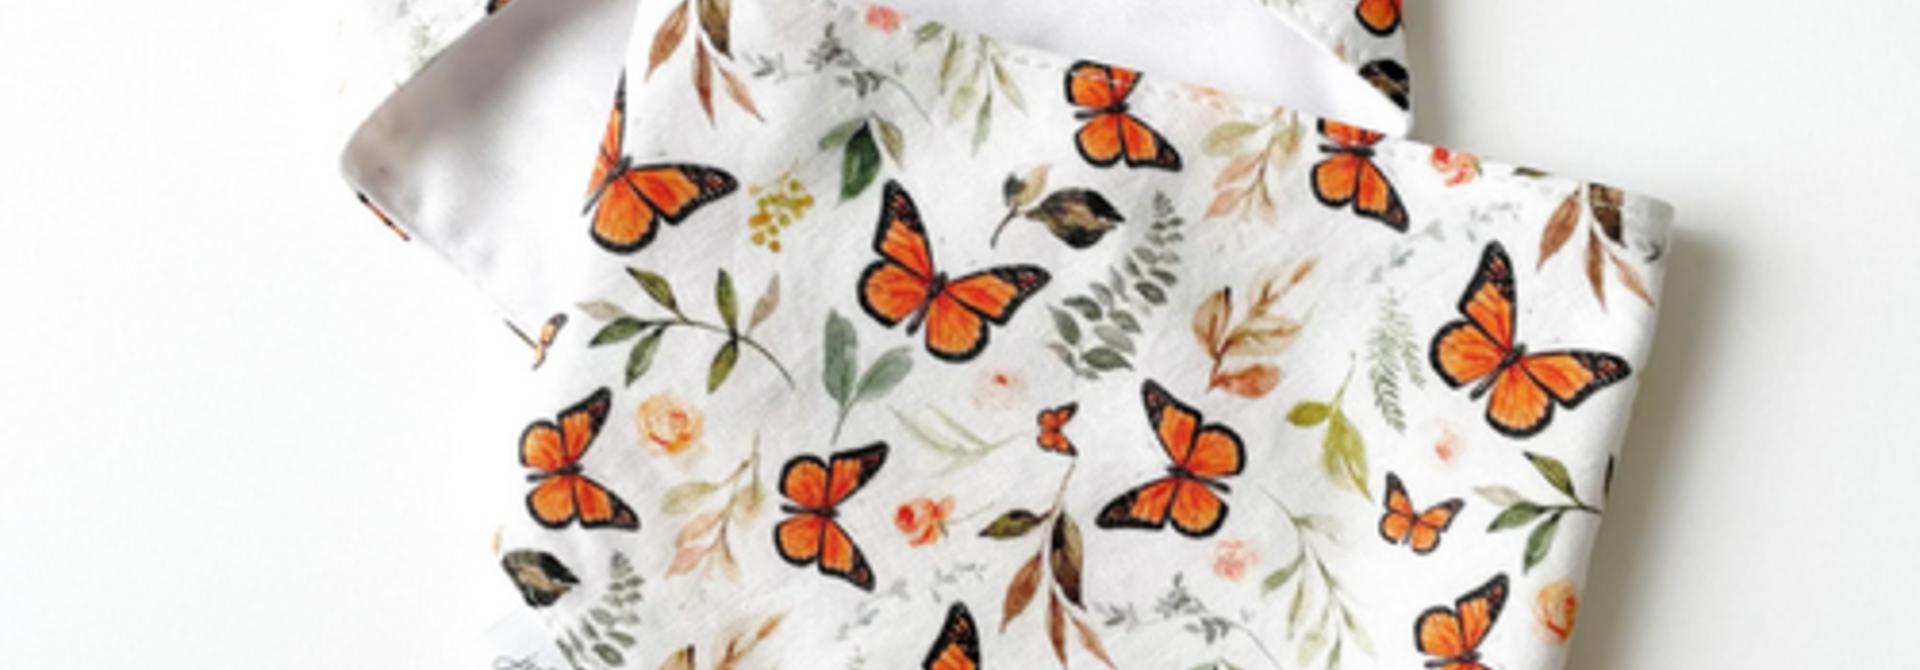 Bavoir de dentition - Papillons d'Automne